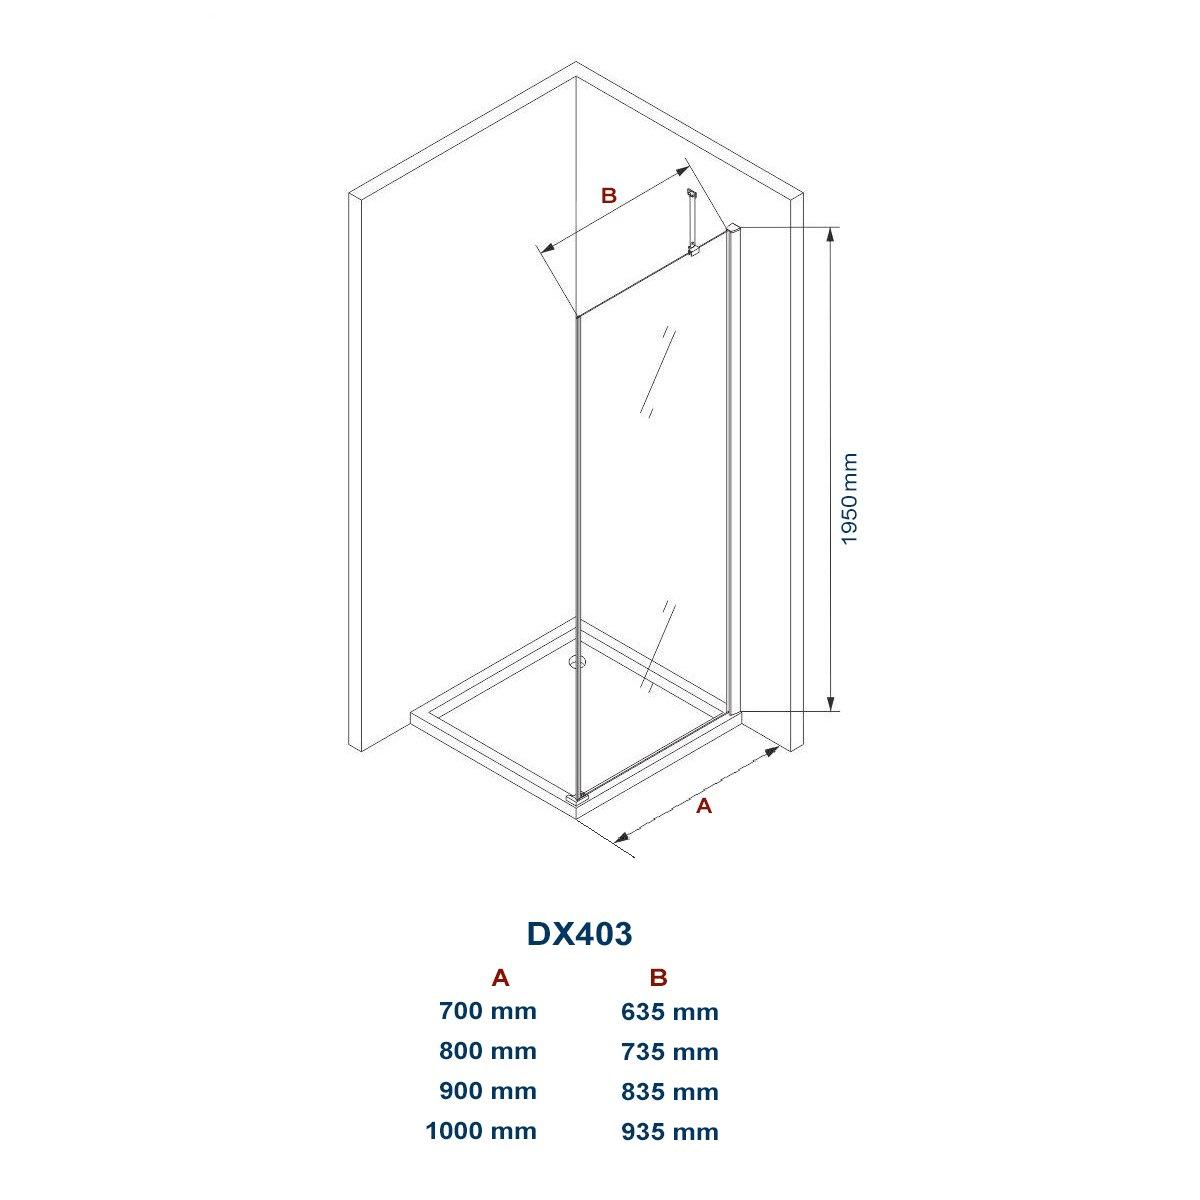 Duschkabine Eckdusche 8 mm Nano Echtglas DX403 - Breite wählbar zoom thumbnail 6